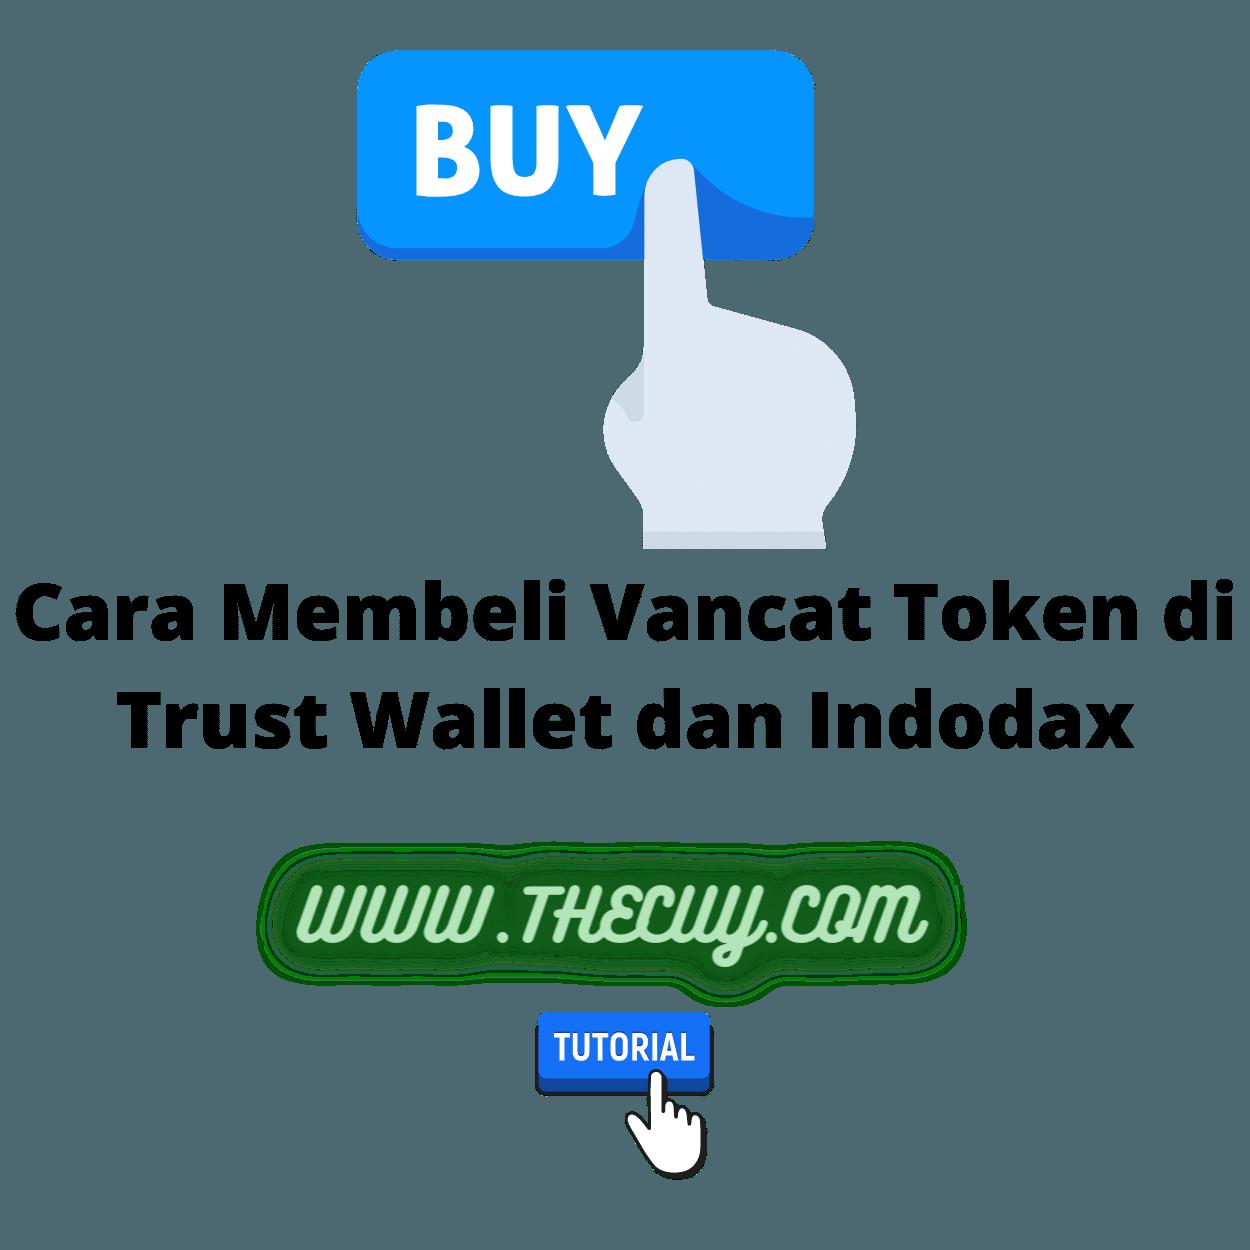 Cara Membeli Vancat Token di Trust Wallet dan Indodax